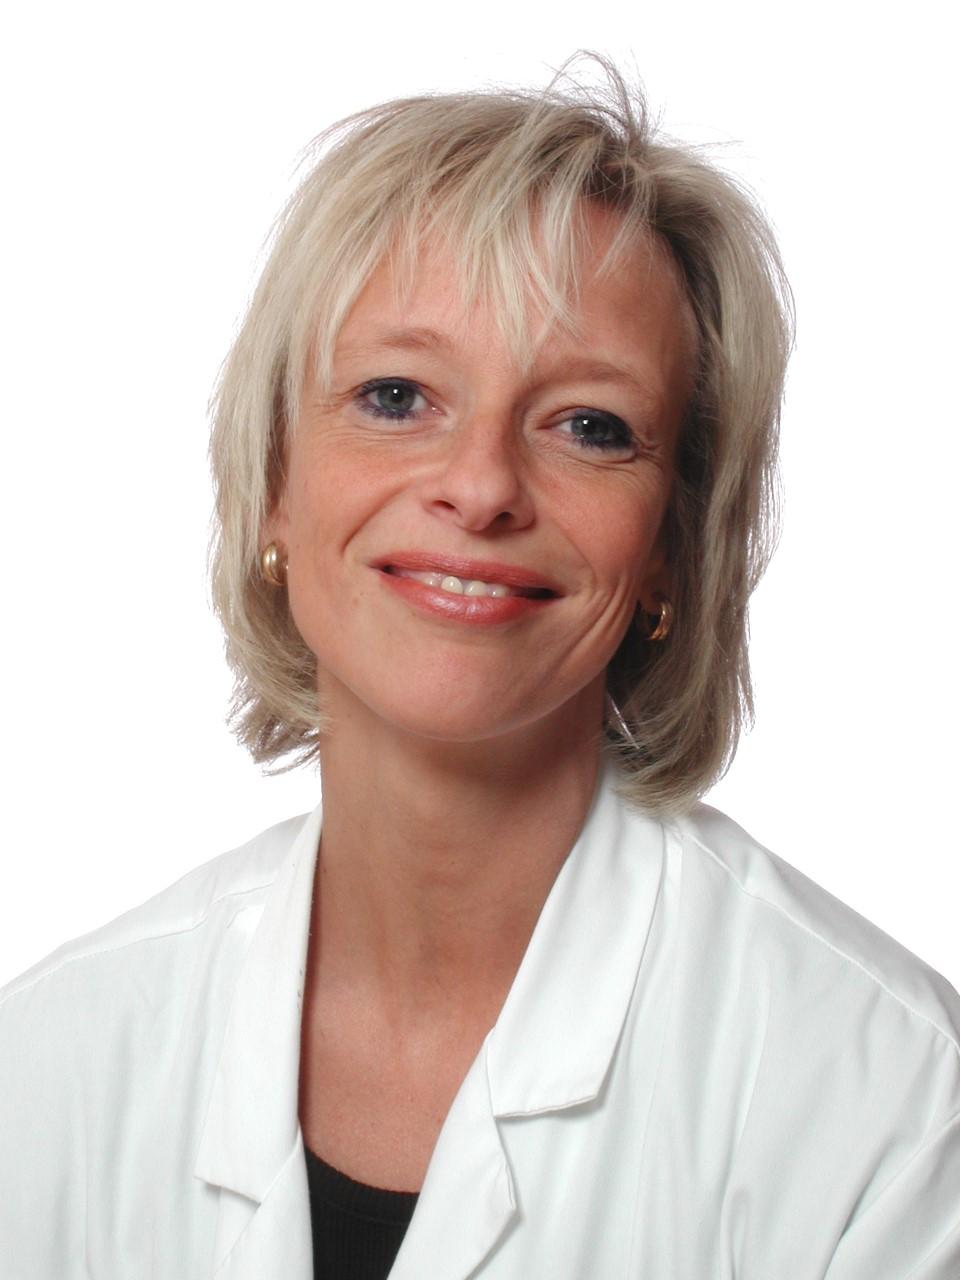 Helena Strevens överläkare i obstetrik och gynekologi på Skånes universitetssjukhus i Lund